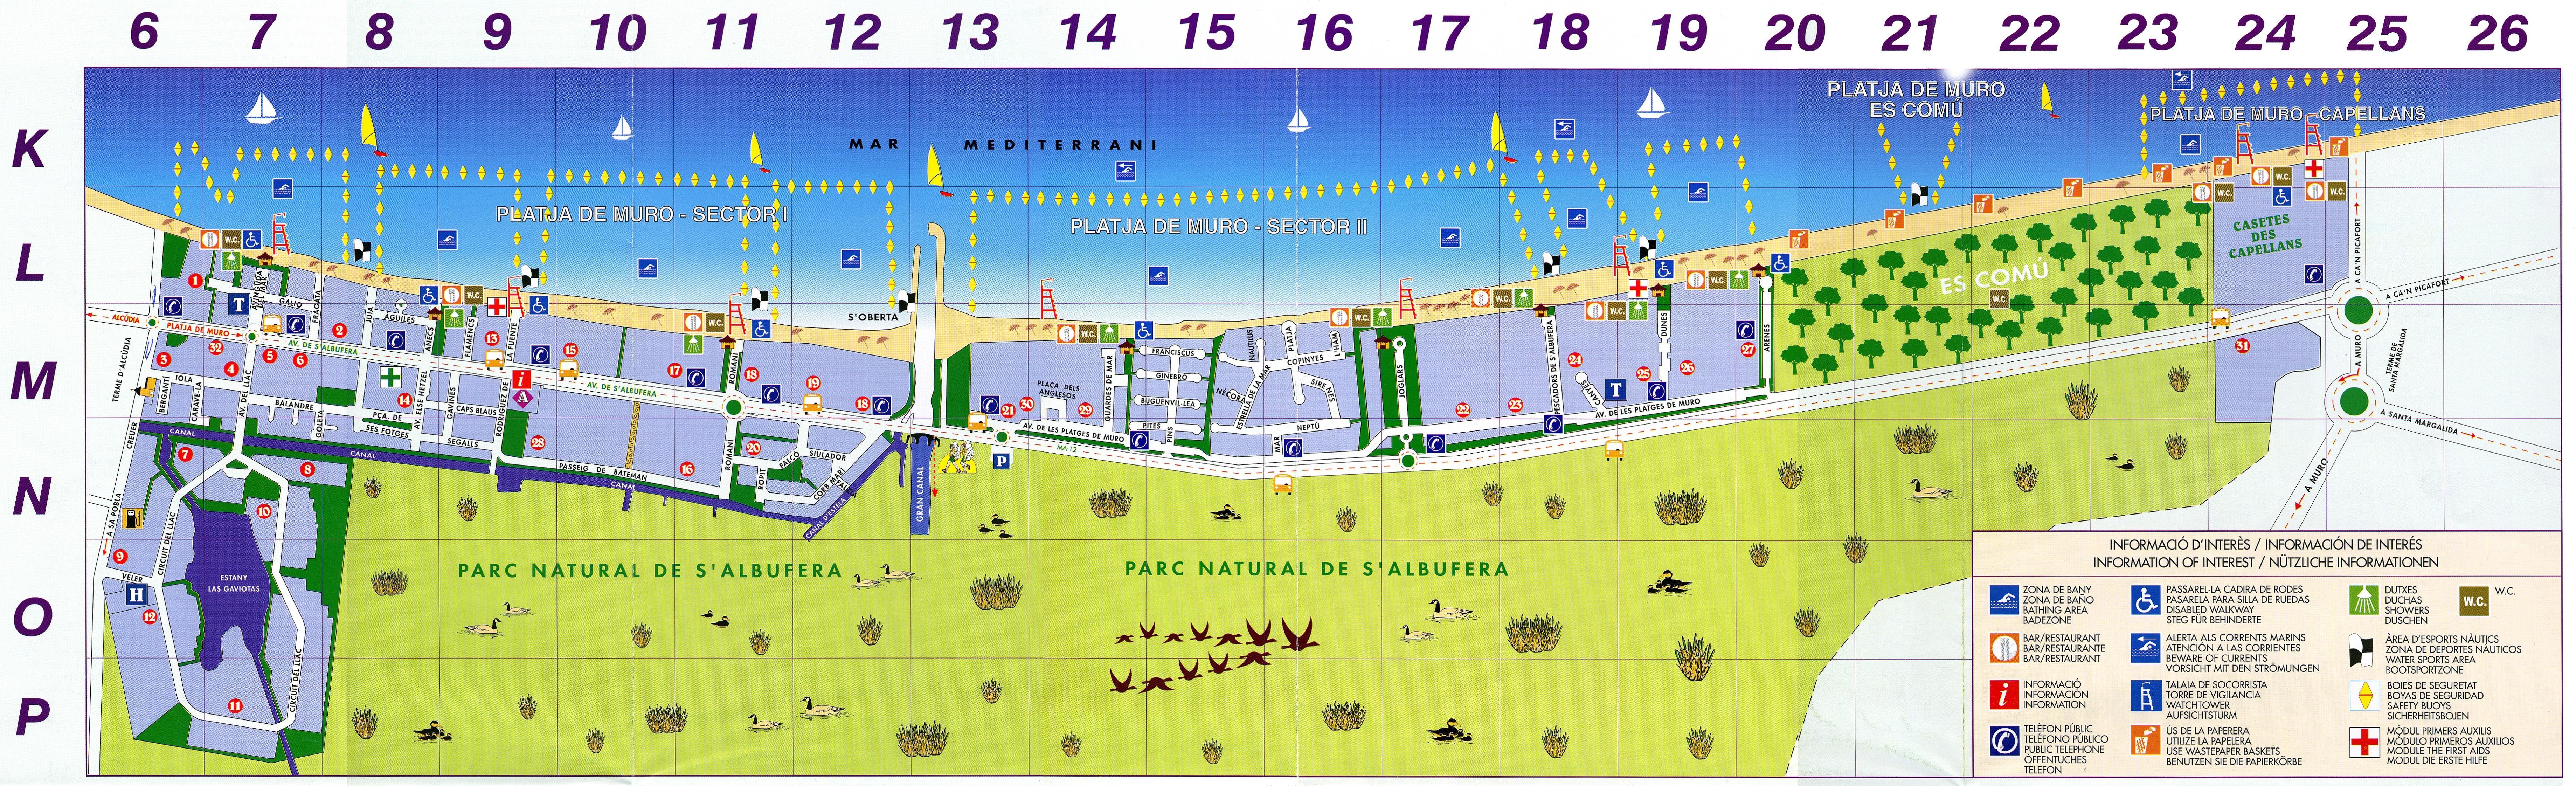 playa de muro karte El pueblo de Platja de Muro en Mallorca playa de muro karte